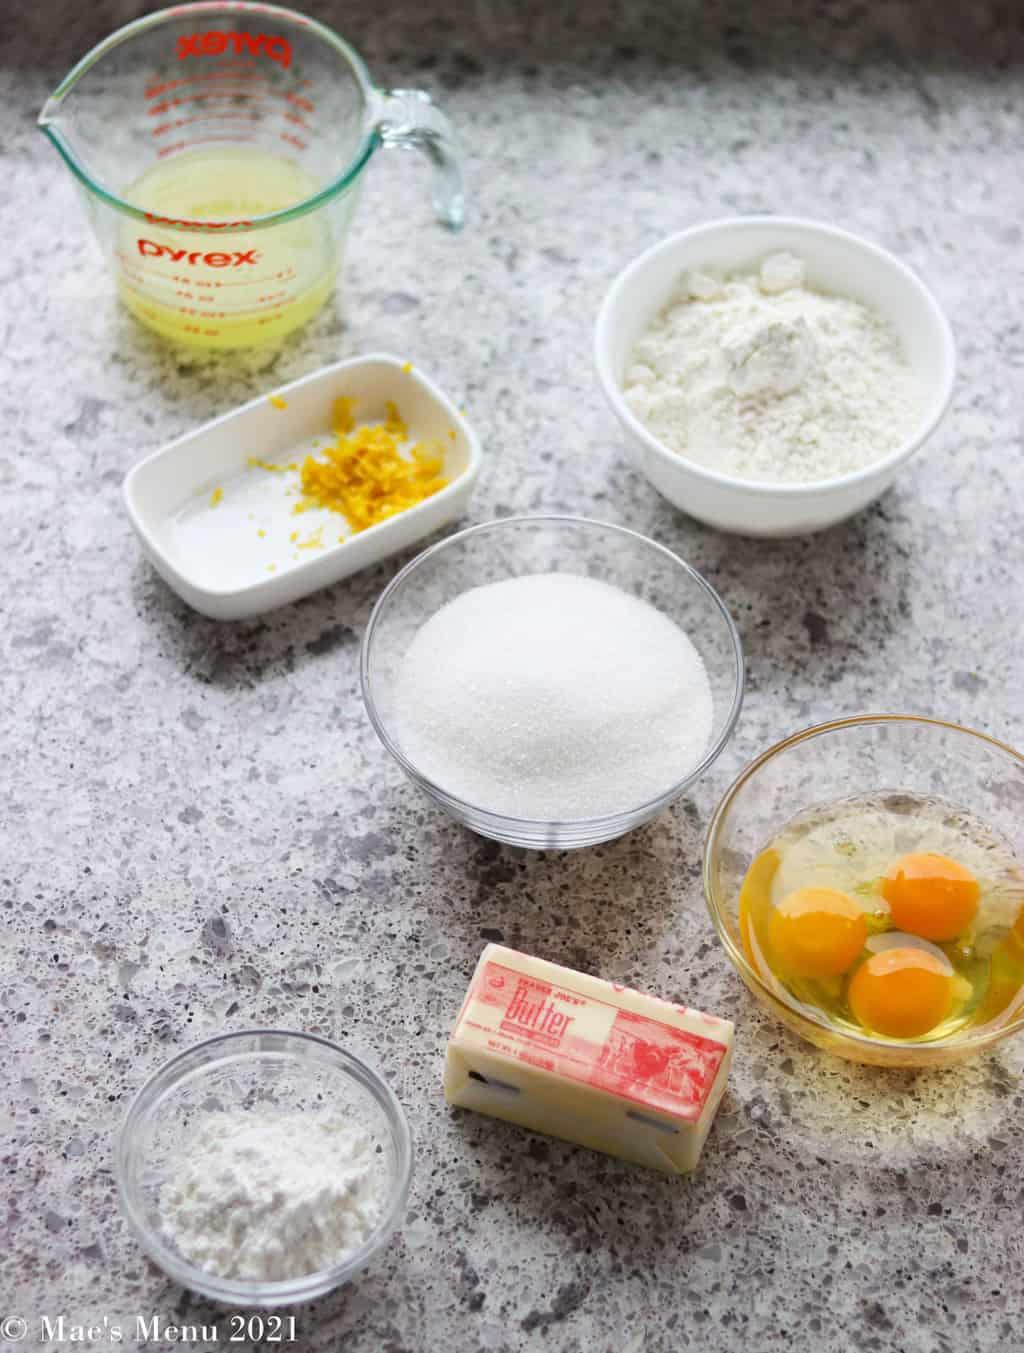 All the ingredients for homemade lemon bars